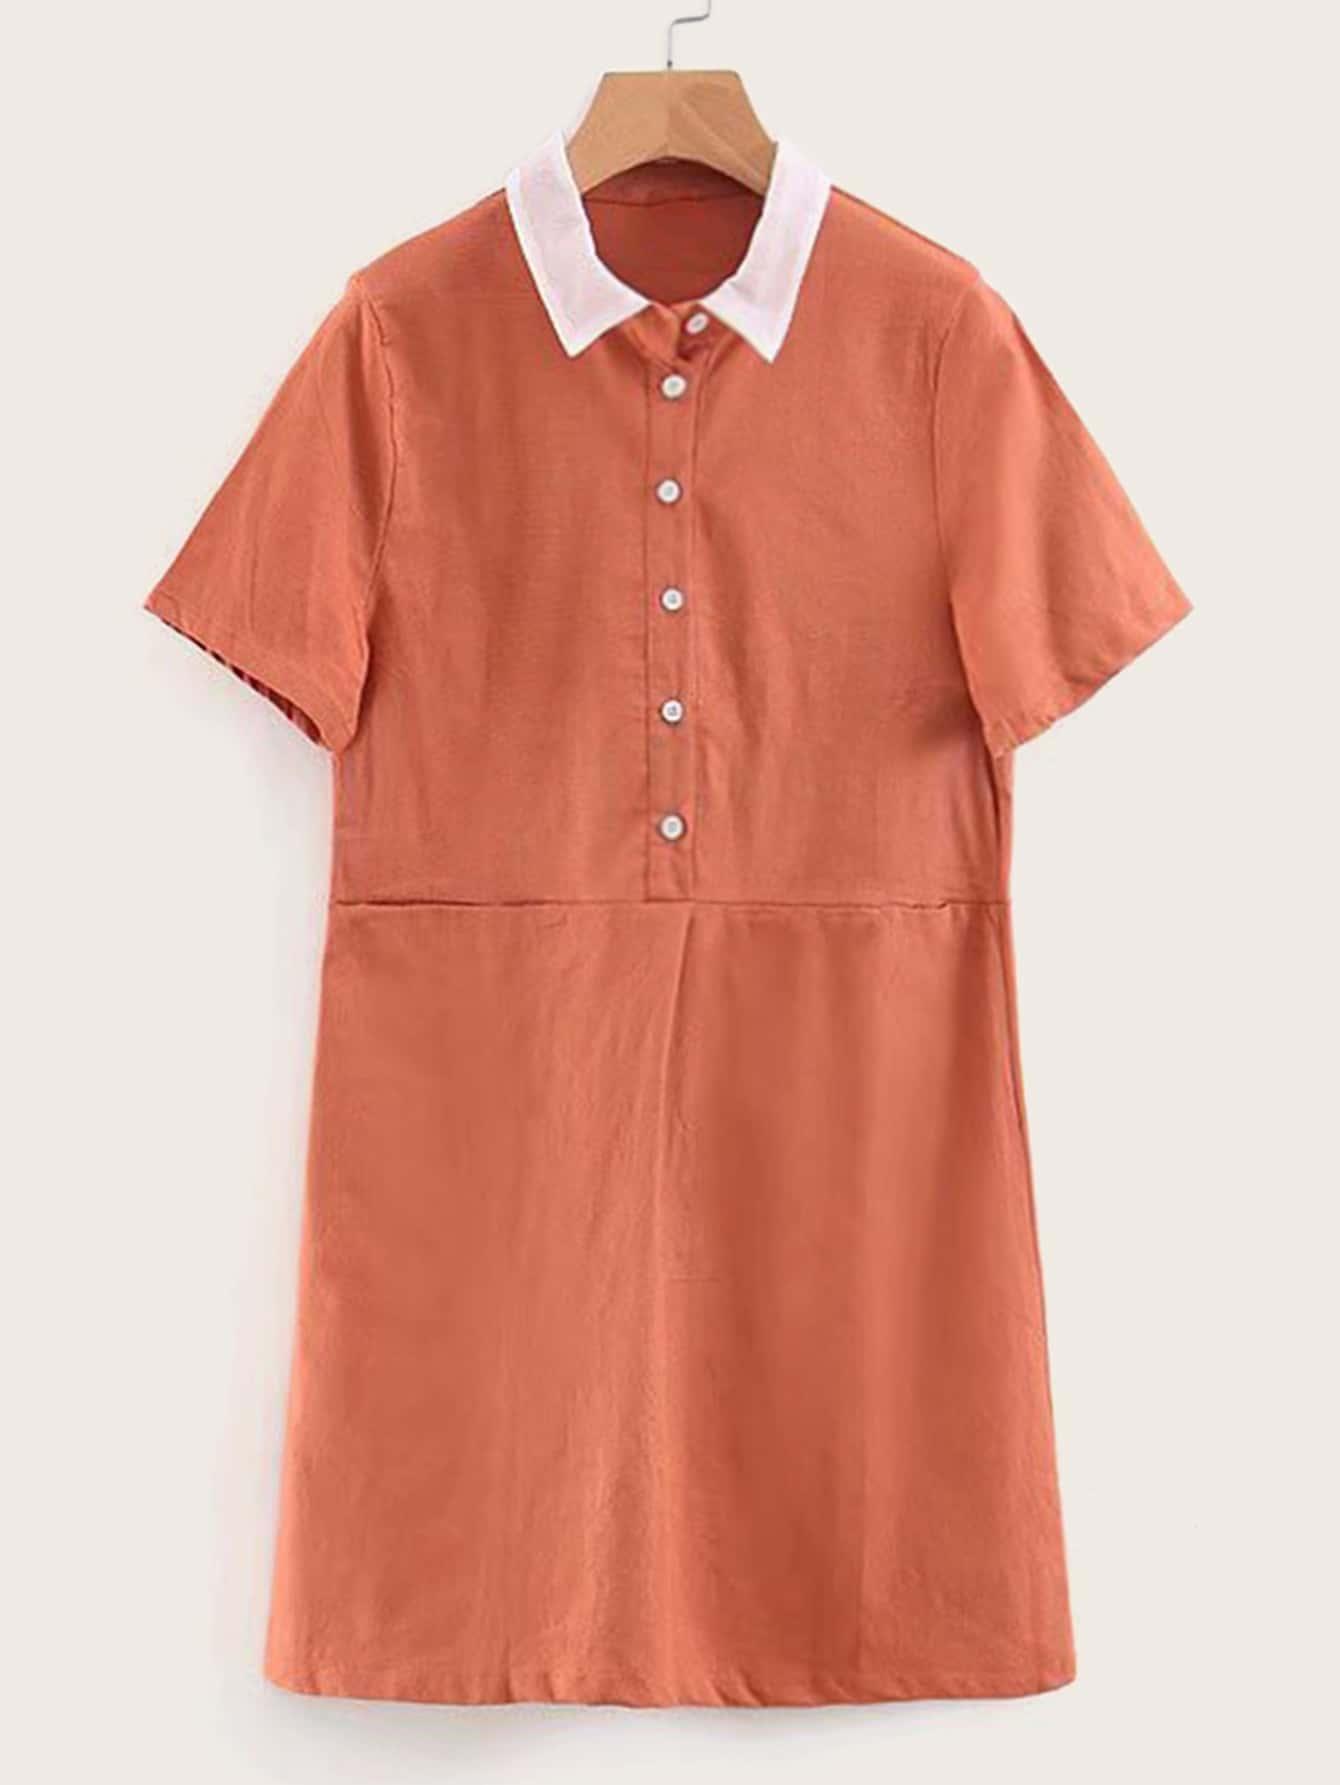 Фото - Платье-рубашка с пуговицами и контрастным воротником от SheIn цвет оранжевые